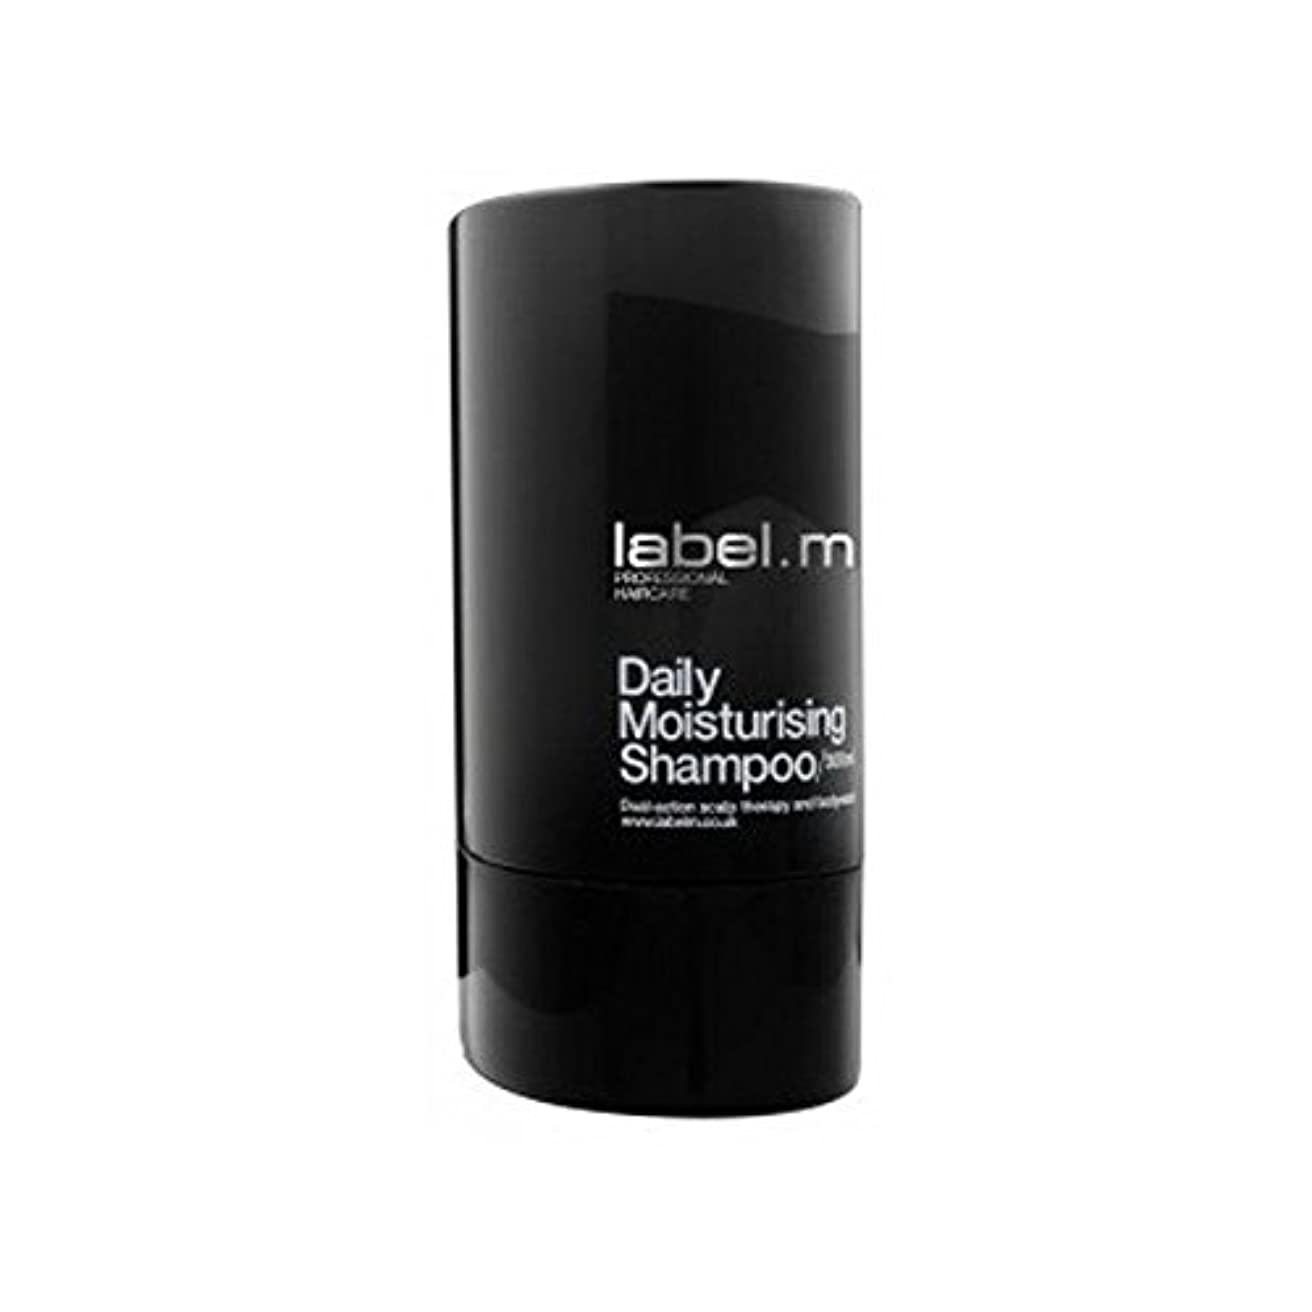 スカイどのくらいの頻度で醜いLabel.Men Daily Moisturising Shampoo (300ml) - .毎日保湿シャンプー(300ミリリットル) [並行輸入品]